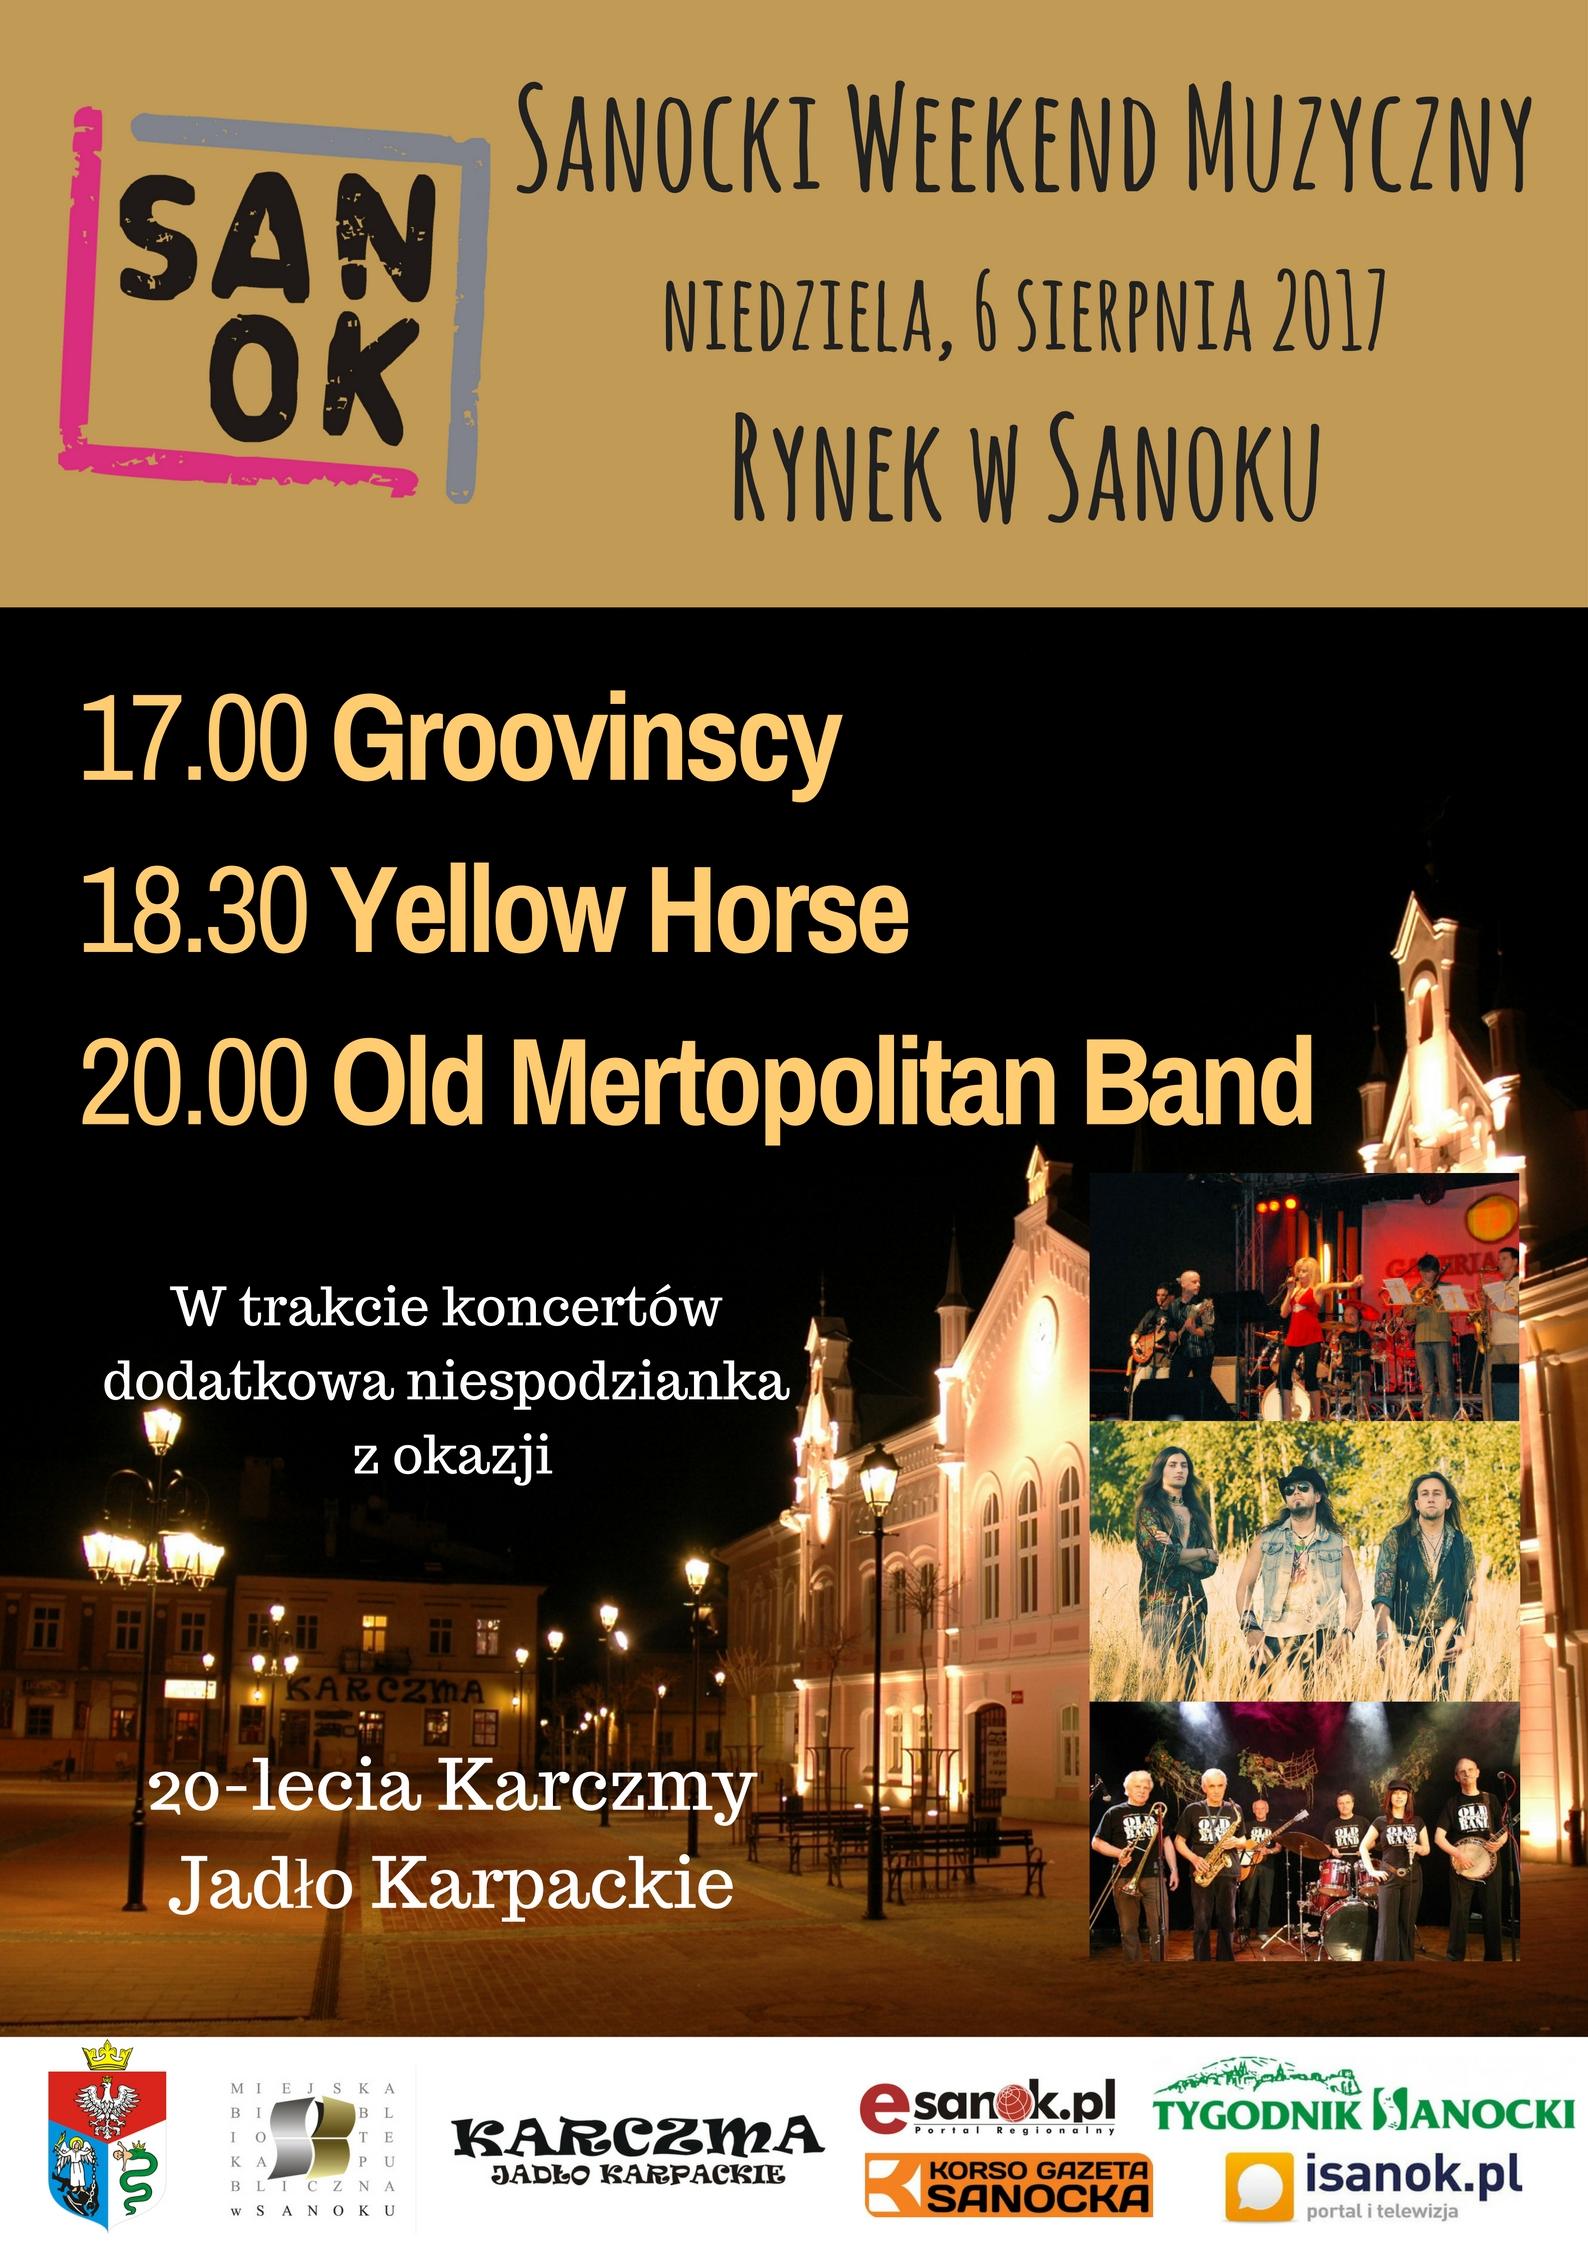 Sanocki-Weekend-Muzyczny